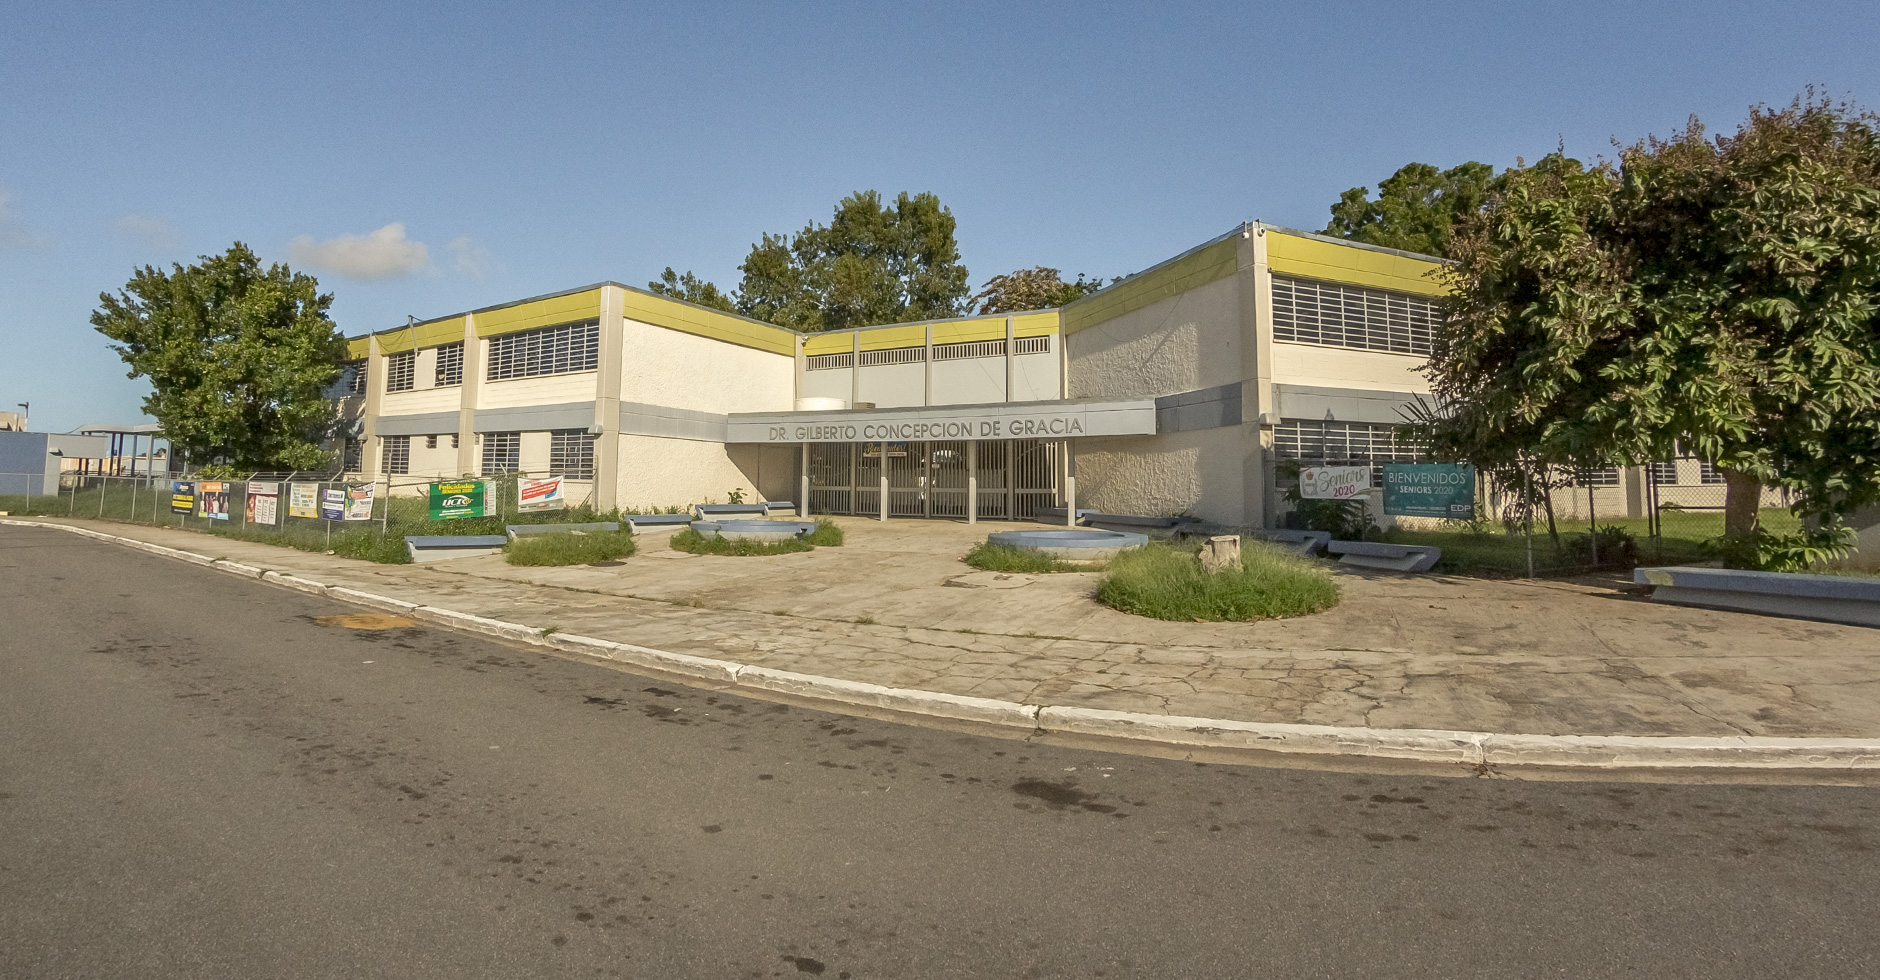 Escuela Dr. Gilberto Concepción De Gracia